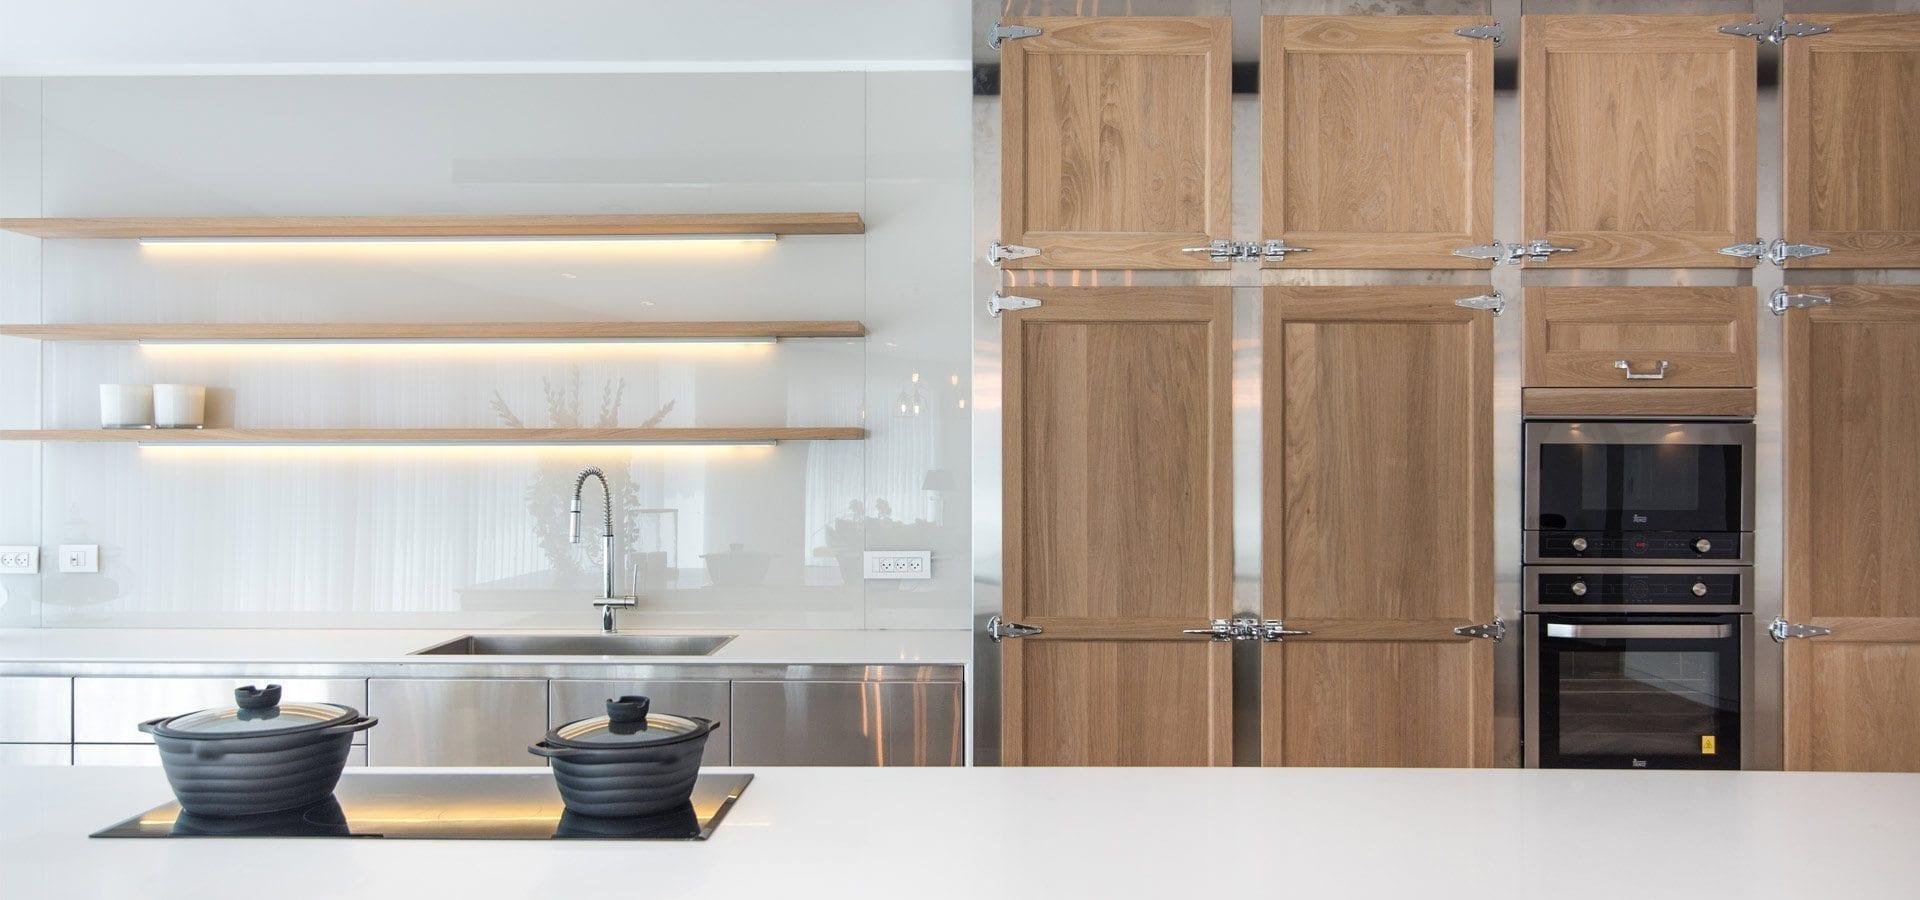 מטבח עץ ונירוסטה - דגם לואי ויטון